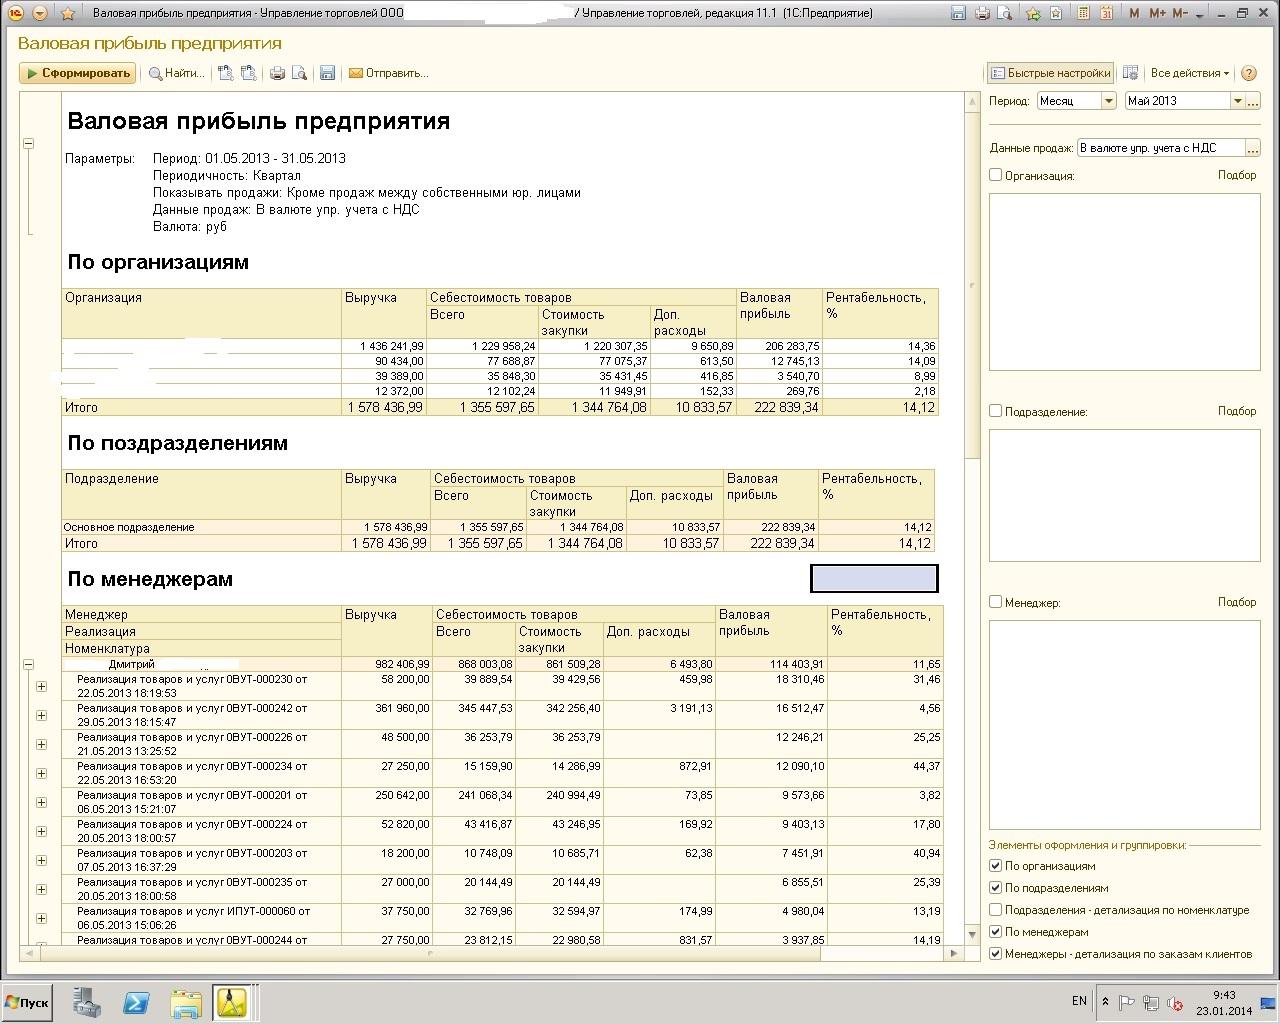 (УТ 11) 11.2 - 1С:Управление торговлей 11 61